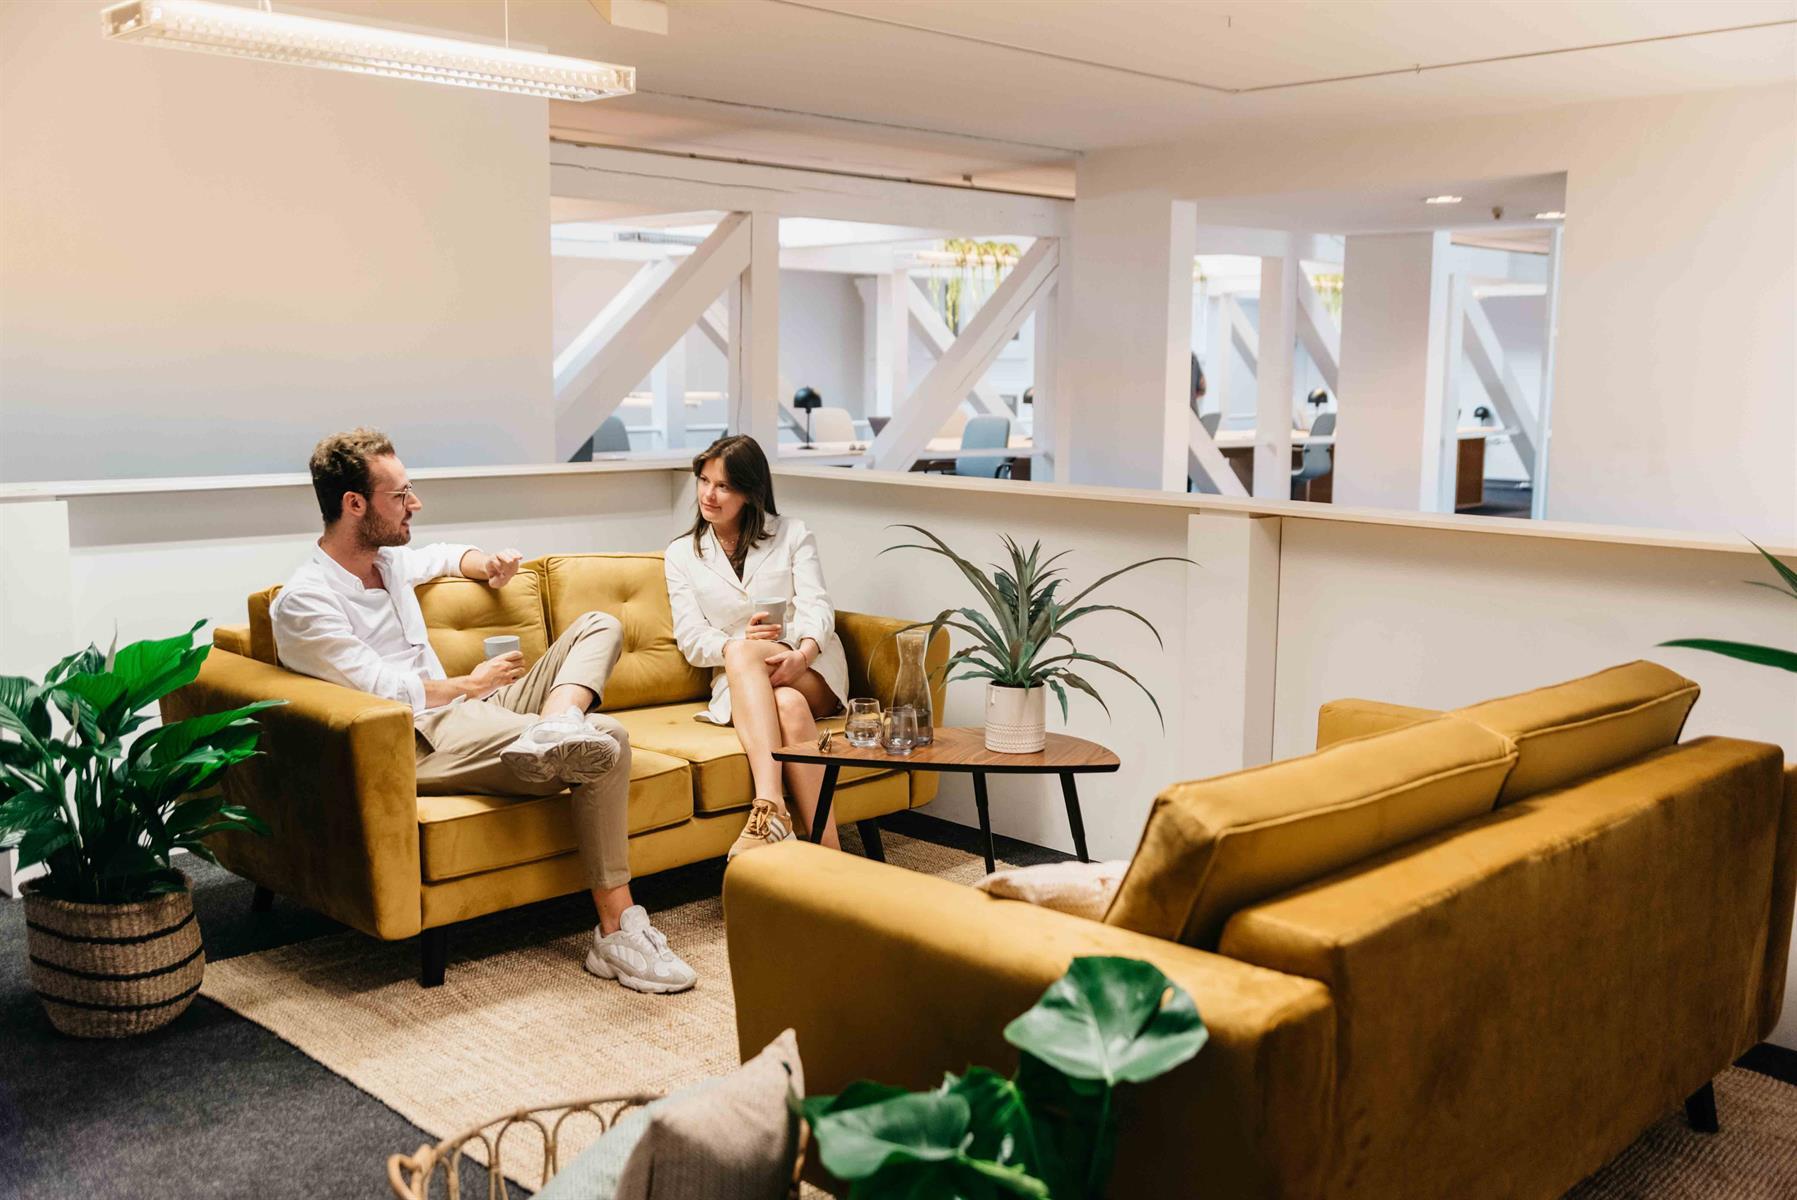 kantoor te huur 3-Dagen - IJzerenpoortkaai 3, 2000 Antwerpen, België 1